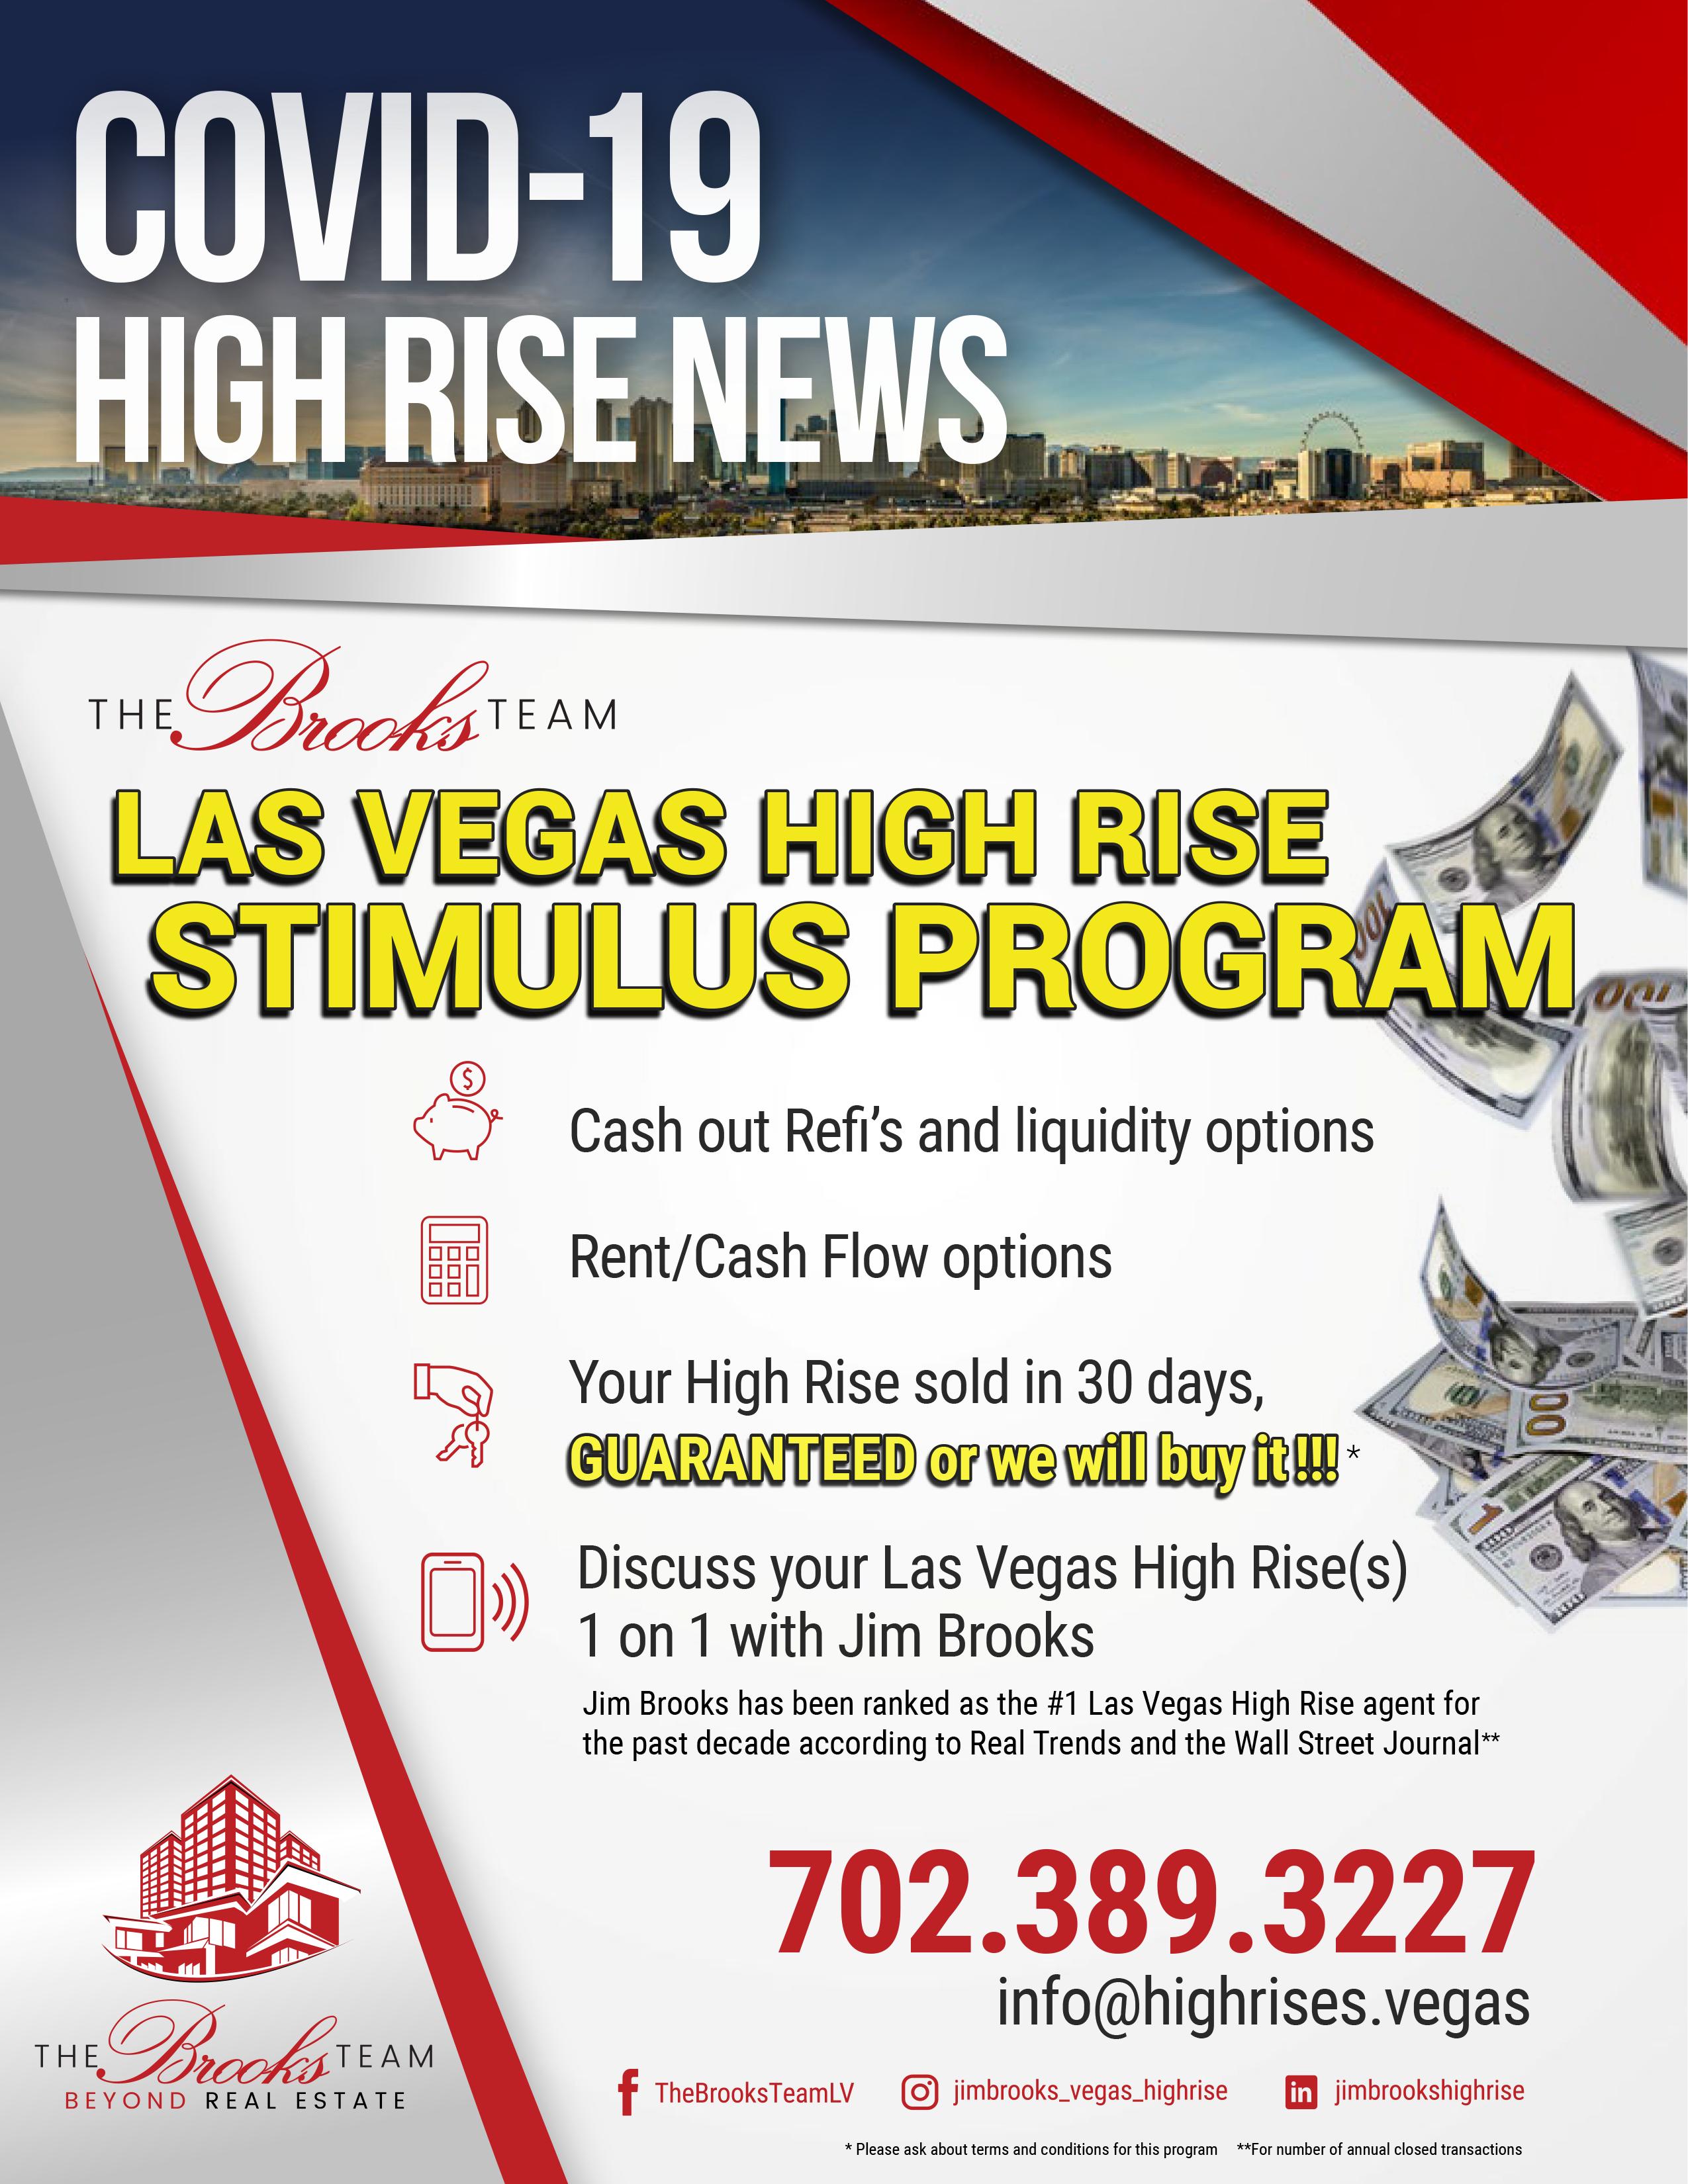 MGM Signature Owner Stimulus Program